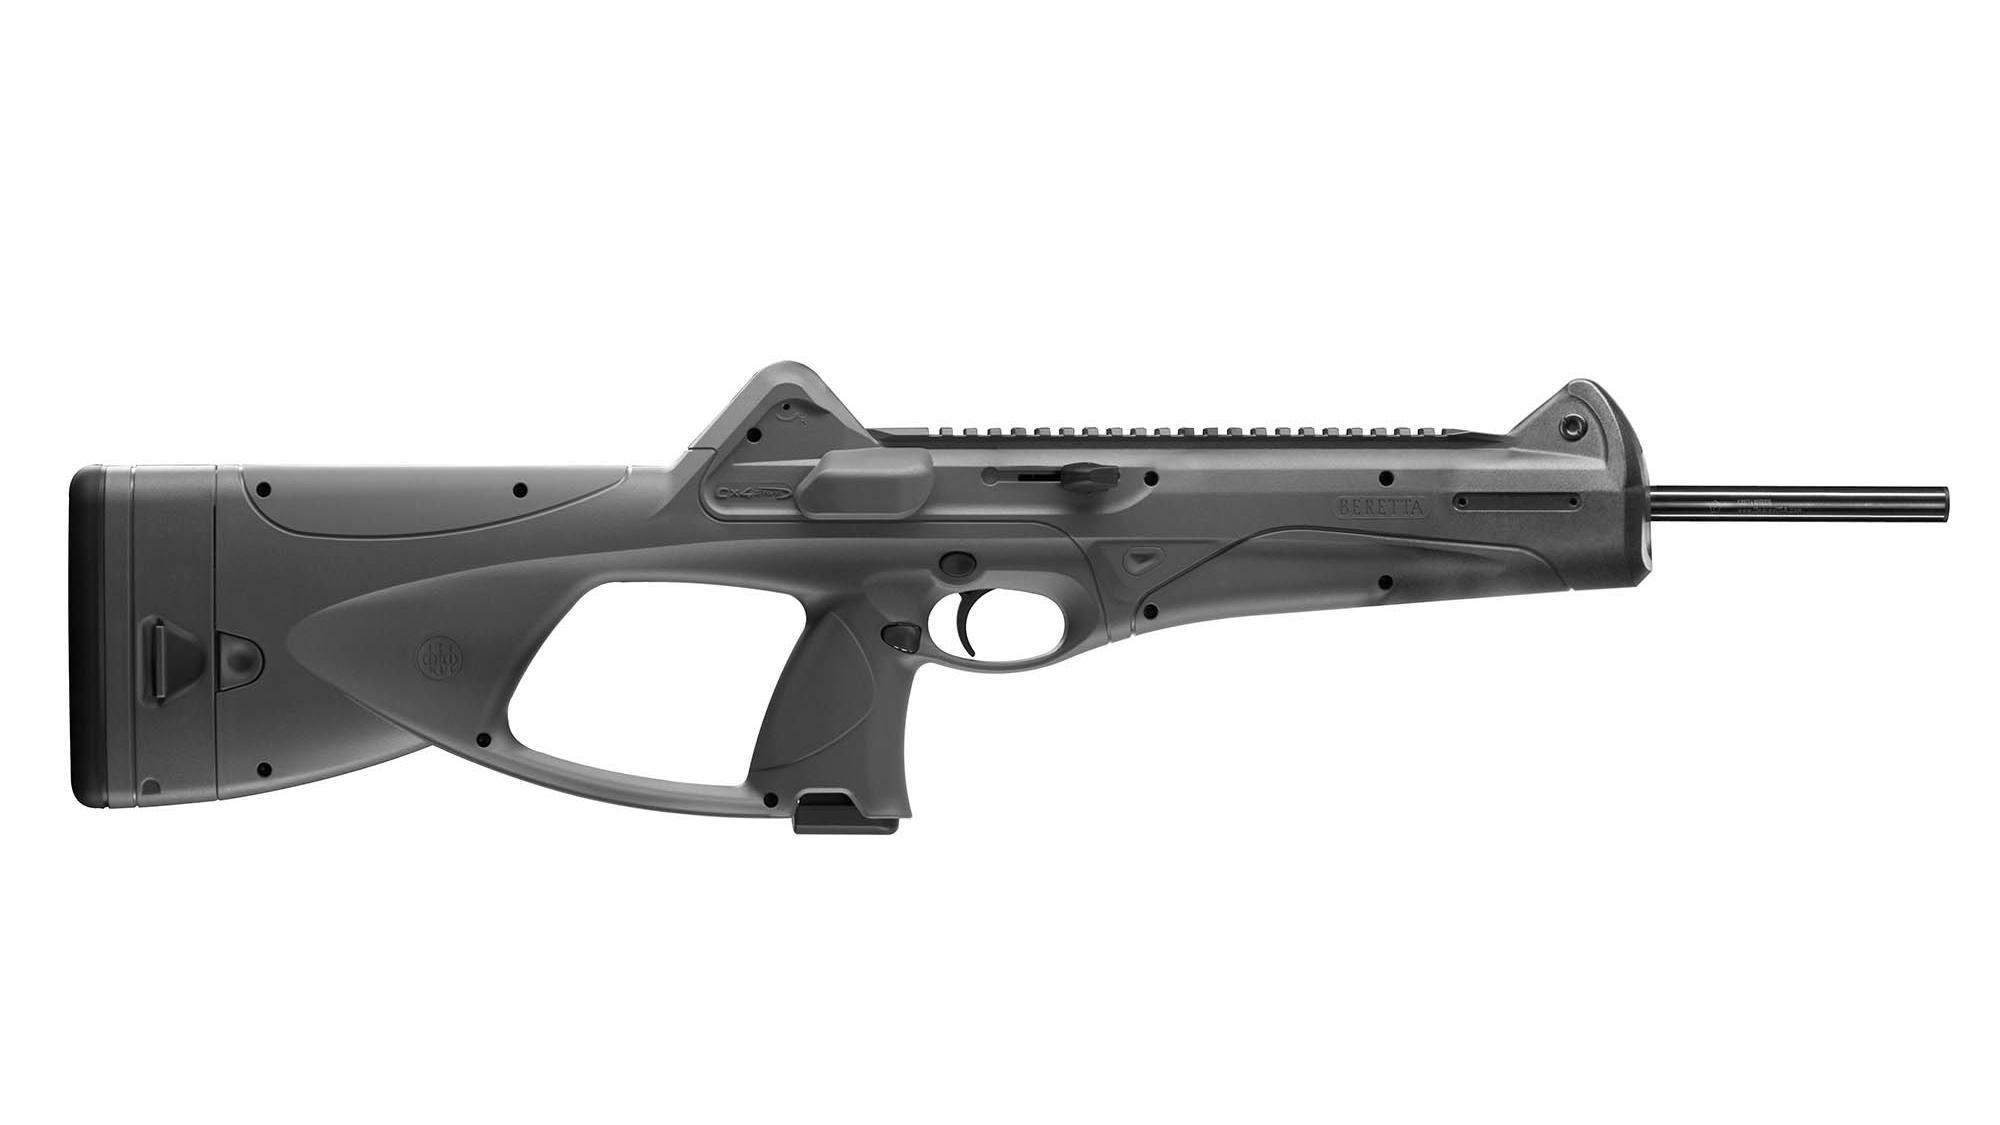 Beretta Cx4 Storm CO2 Gewehr Kaliber 4,5mm Diabolo